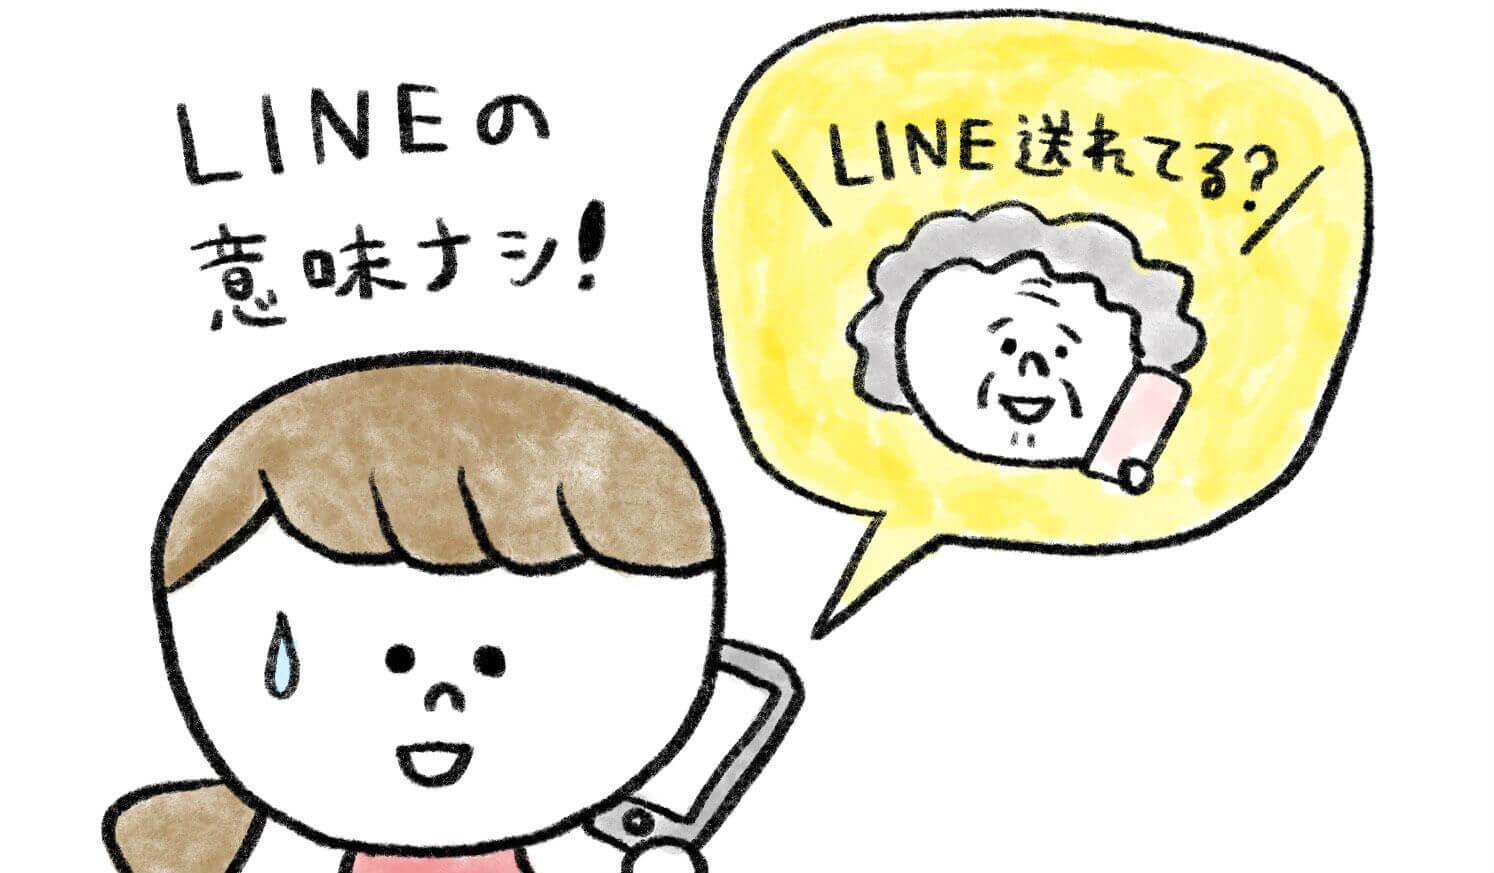 「送信後に電話で確認」 おじいちゃん・おばあちゃんとの爆笑LINEやりとり